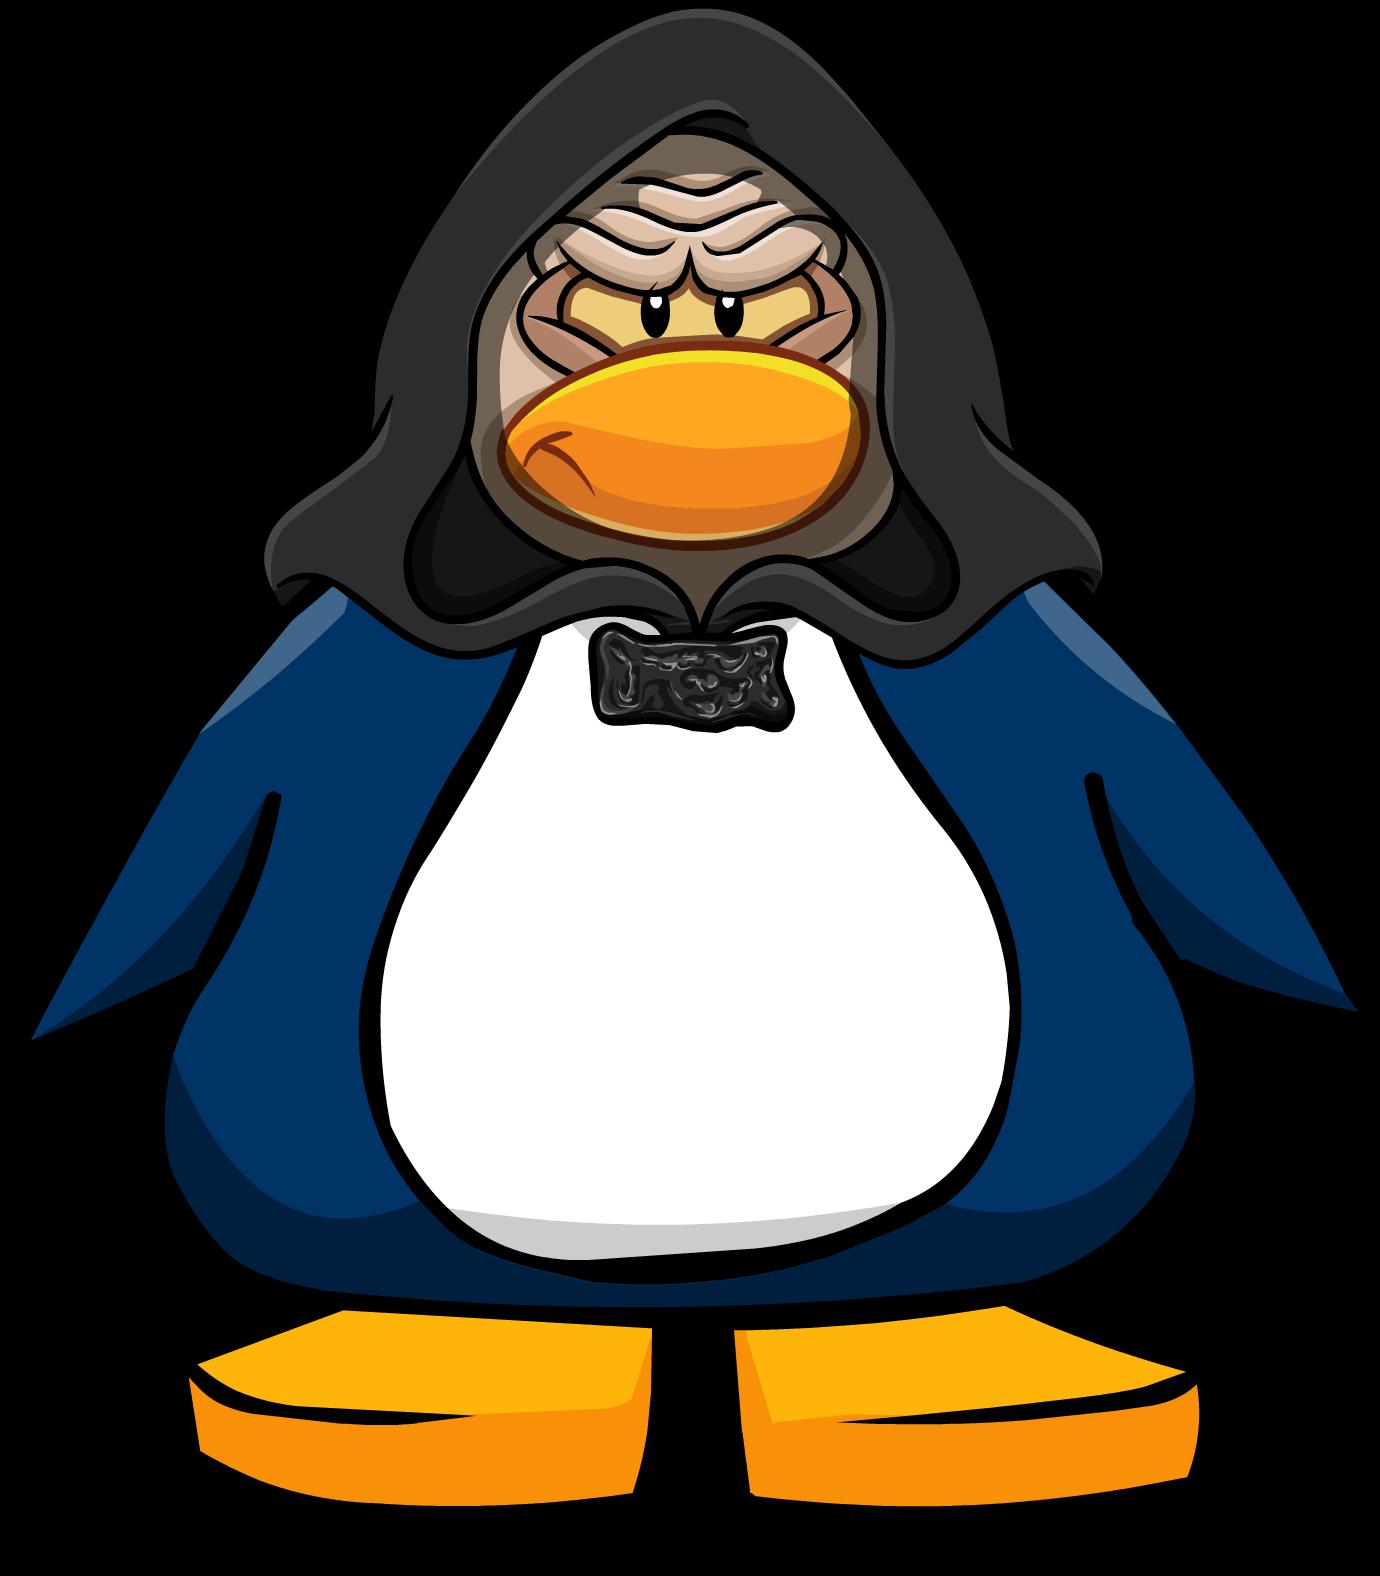 Star Wars Clipart Emperor Palpatine.